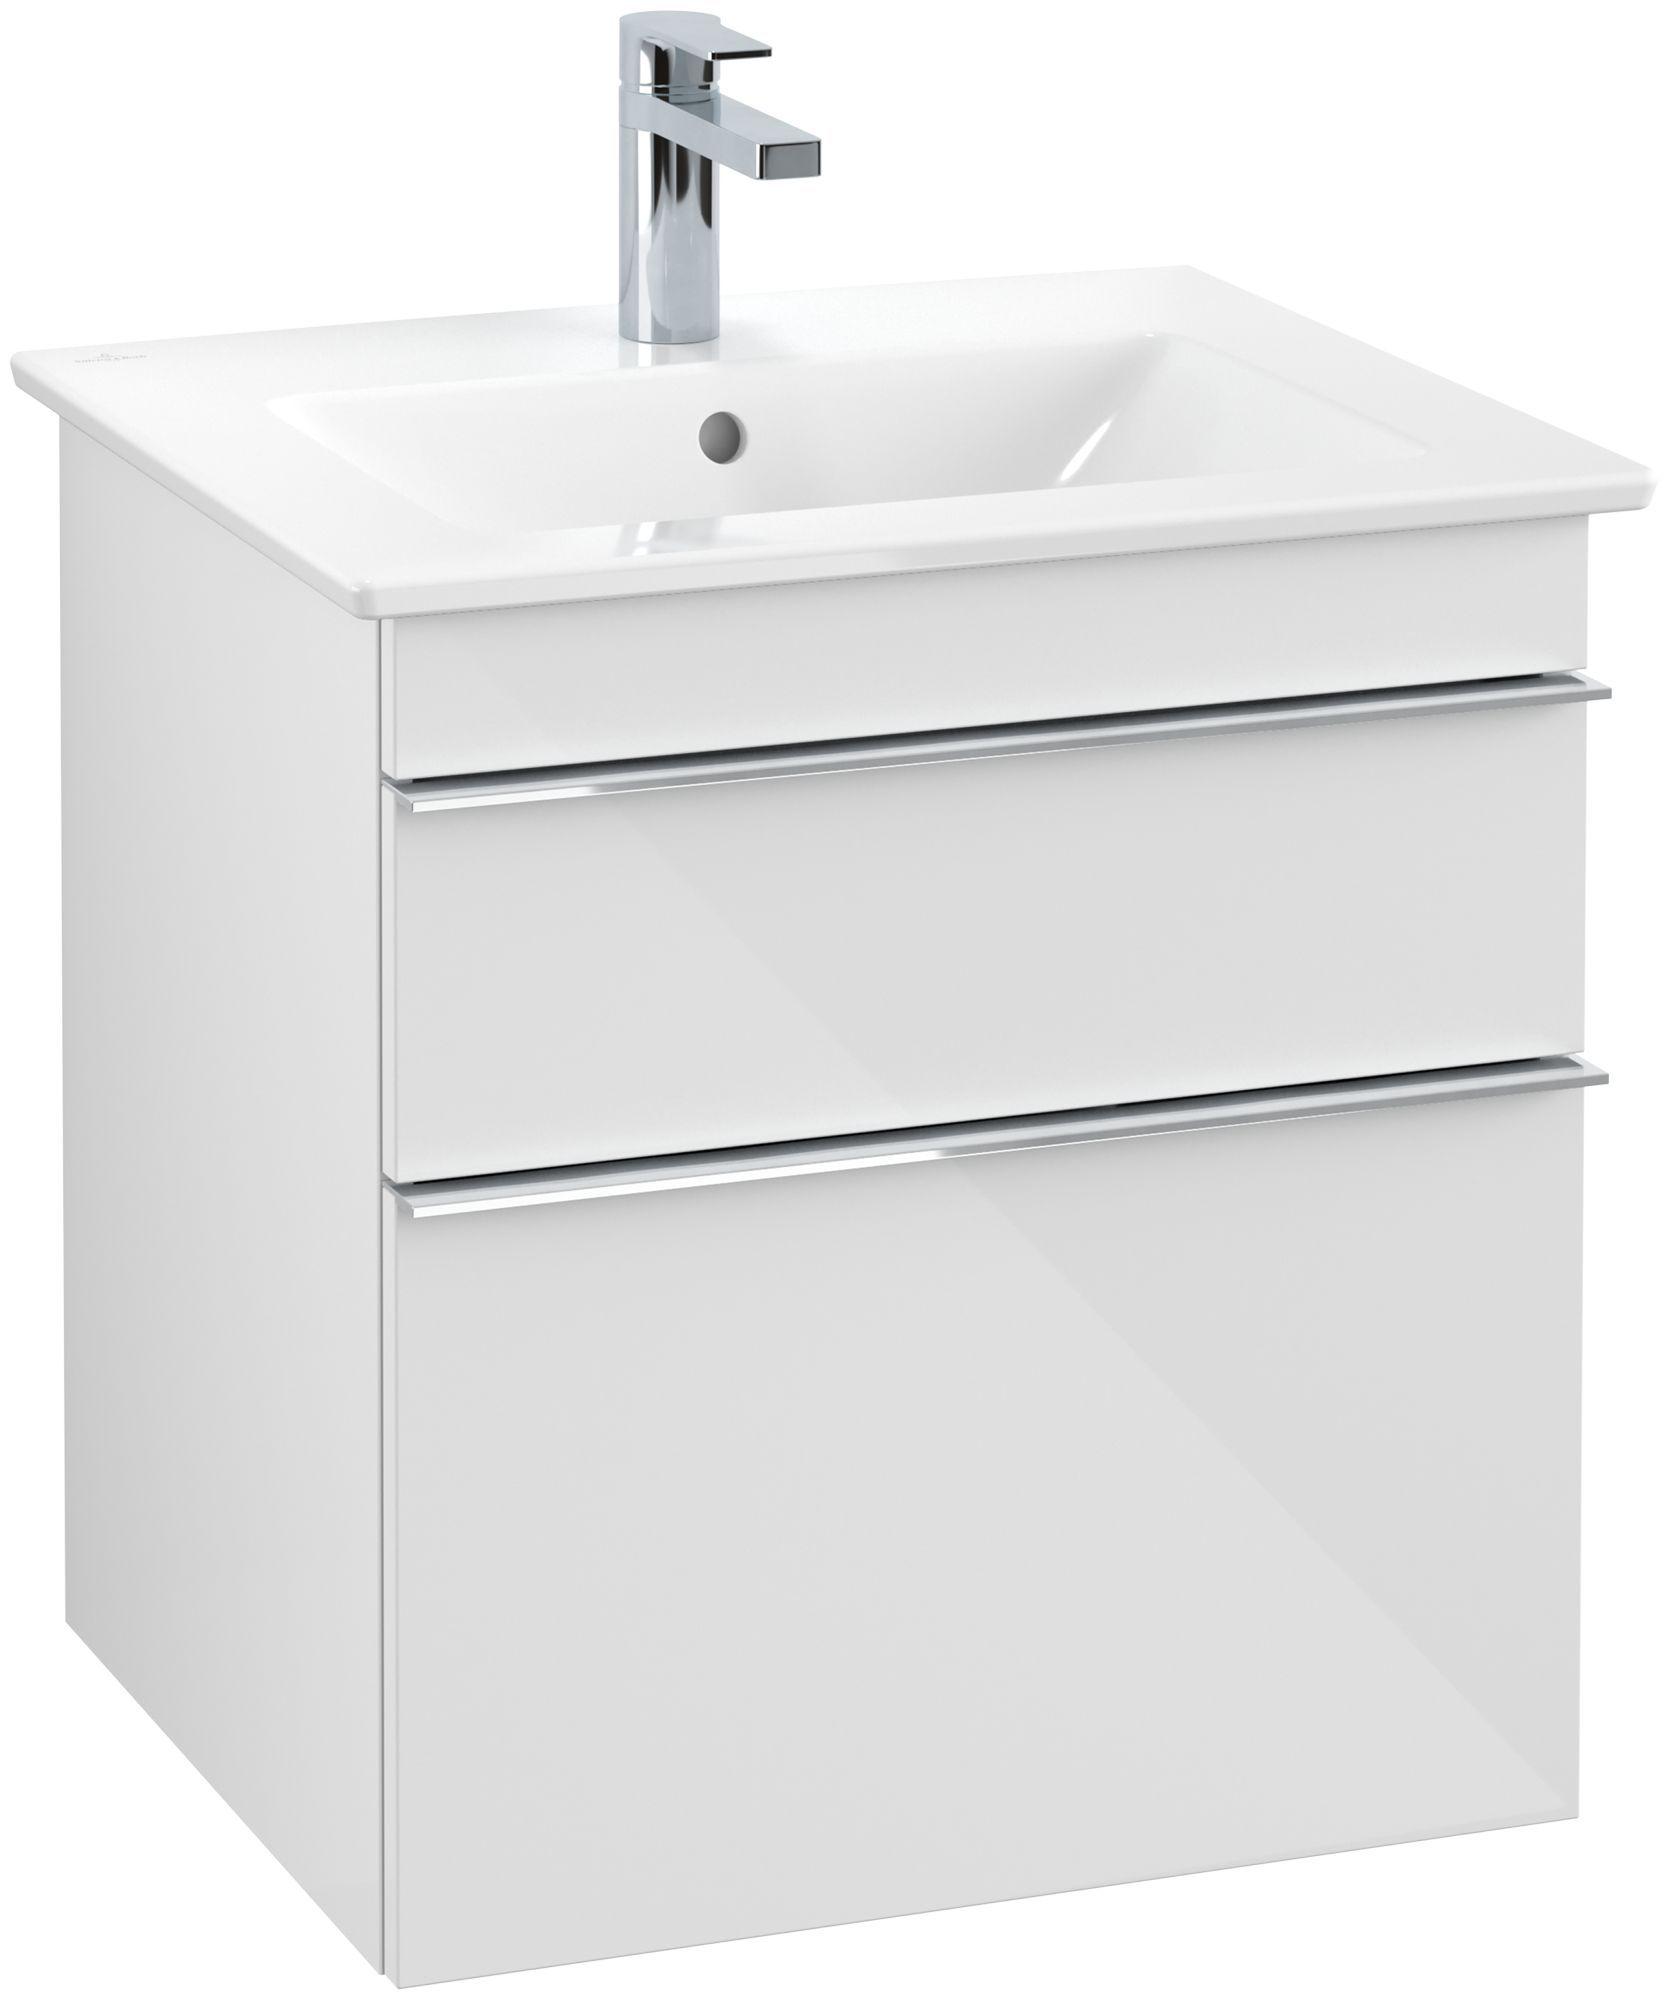 Villeroy & Boch Venticello Waschtischunterschrank 2 Auszüge B:553xT:502xH:590mm glossy weiß Griffe chrom A92301DH